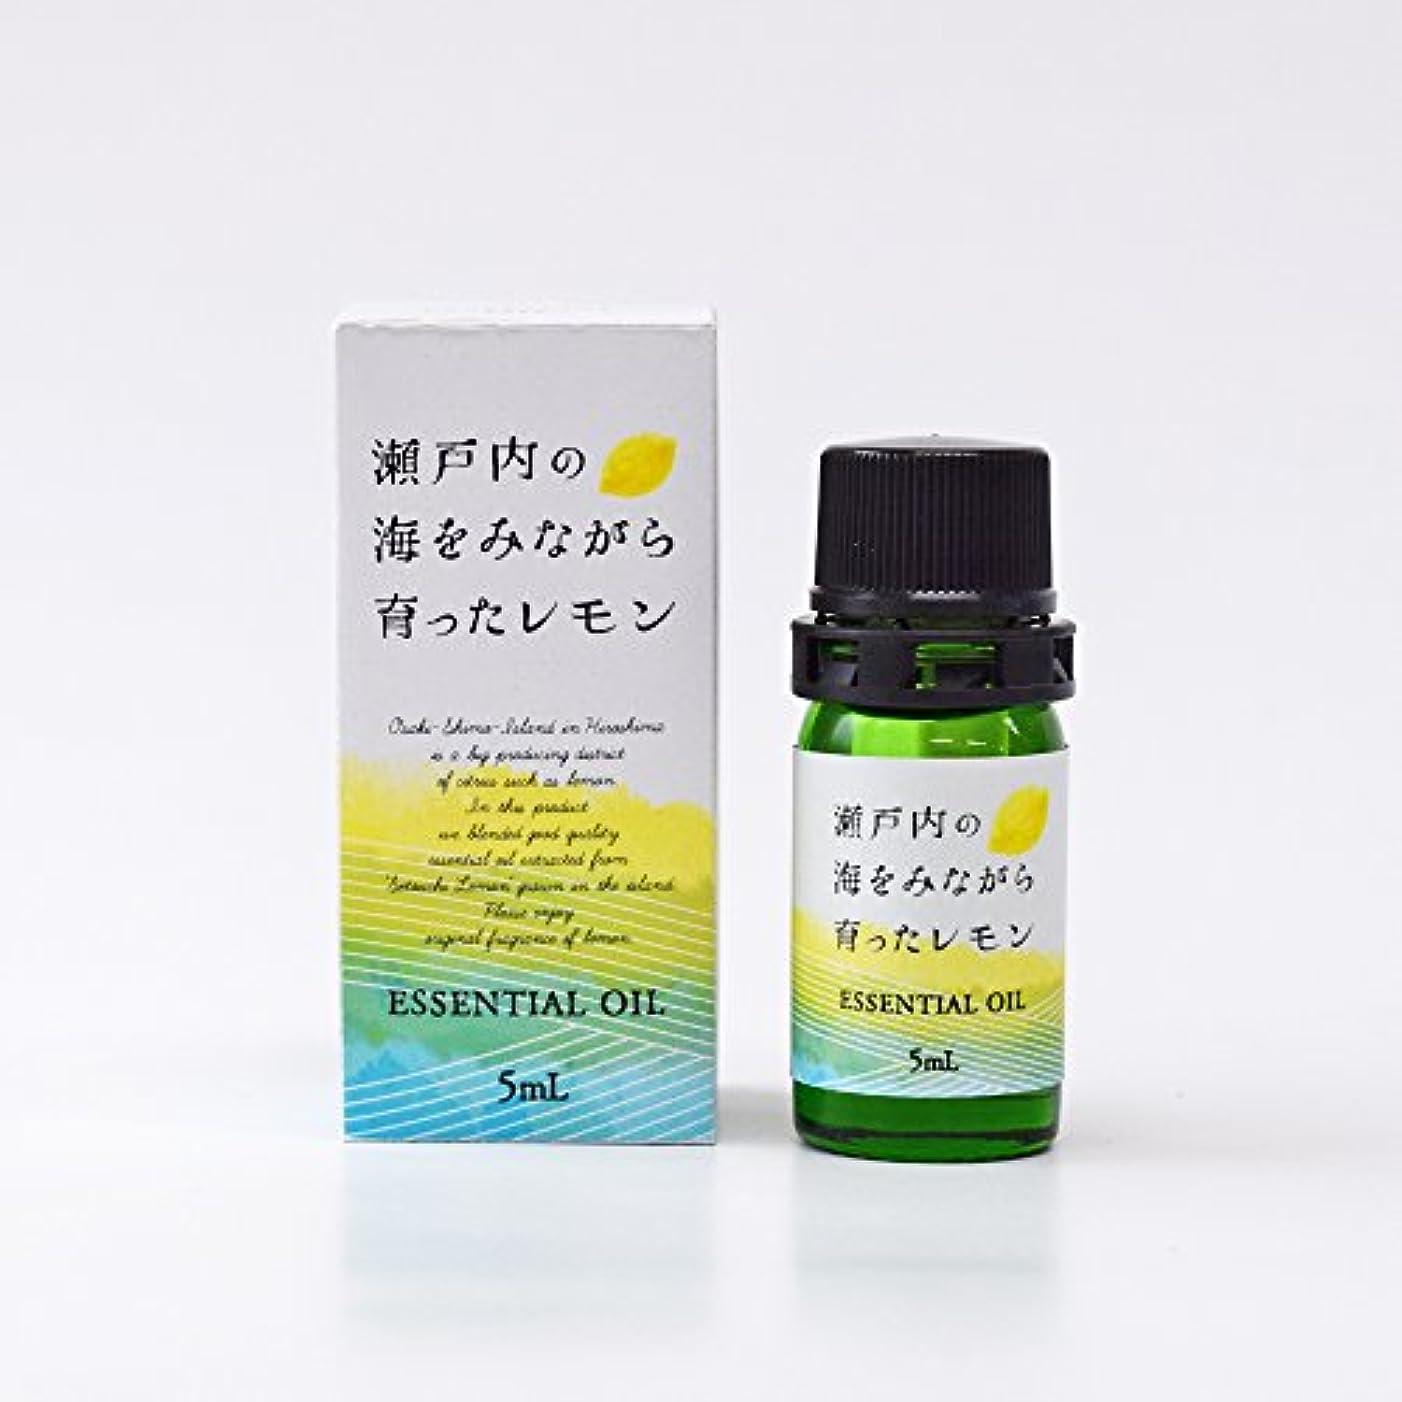 つなぐ引用酸化するレモン エッセンシャルオイル